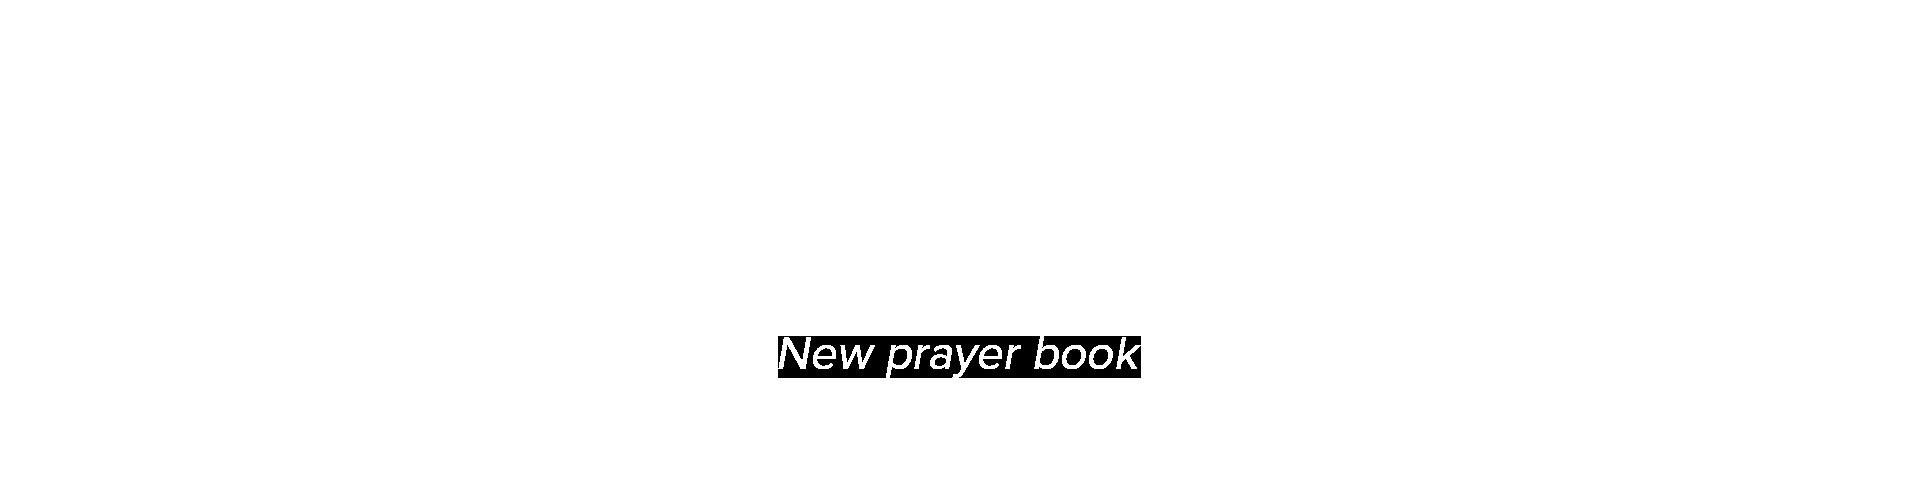 novo-caderno-de-oracoes-ing.png